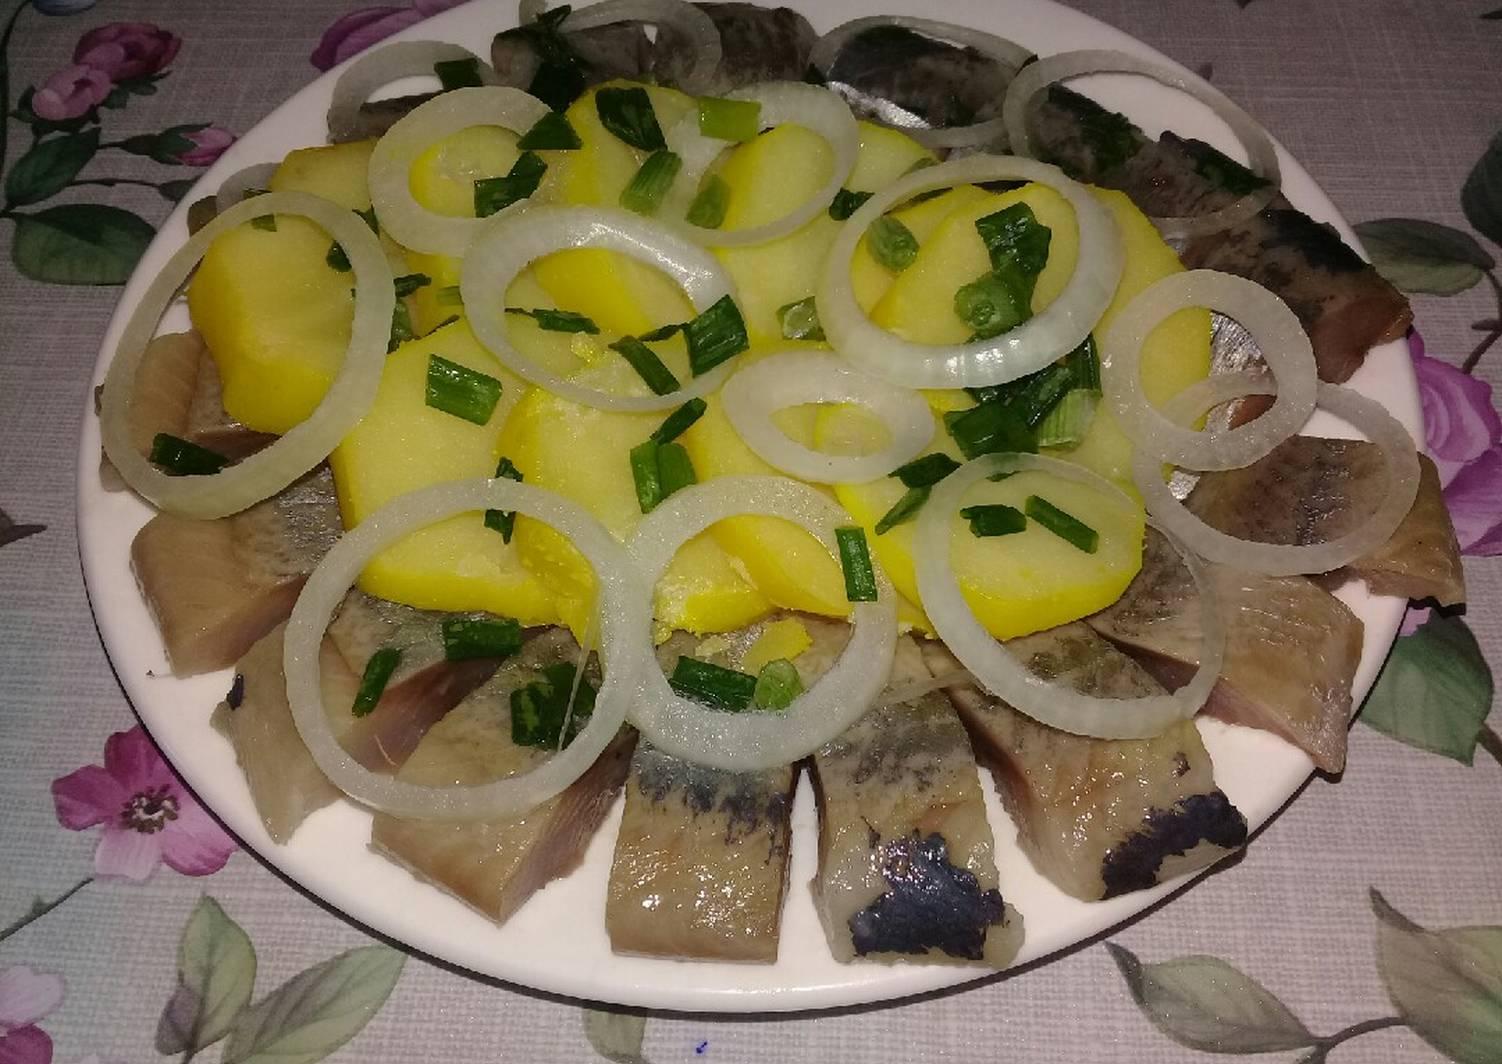 русская закуска с селедкой фото